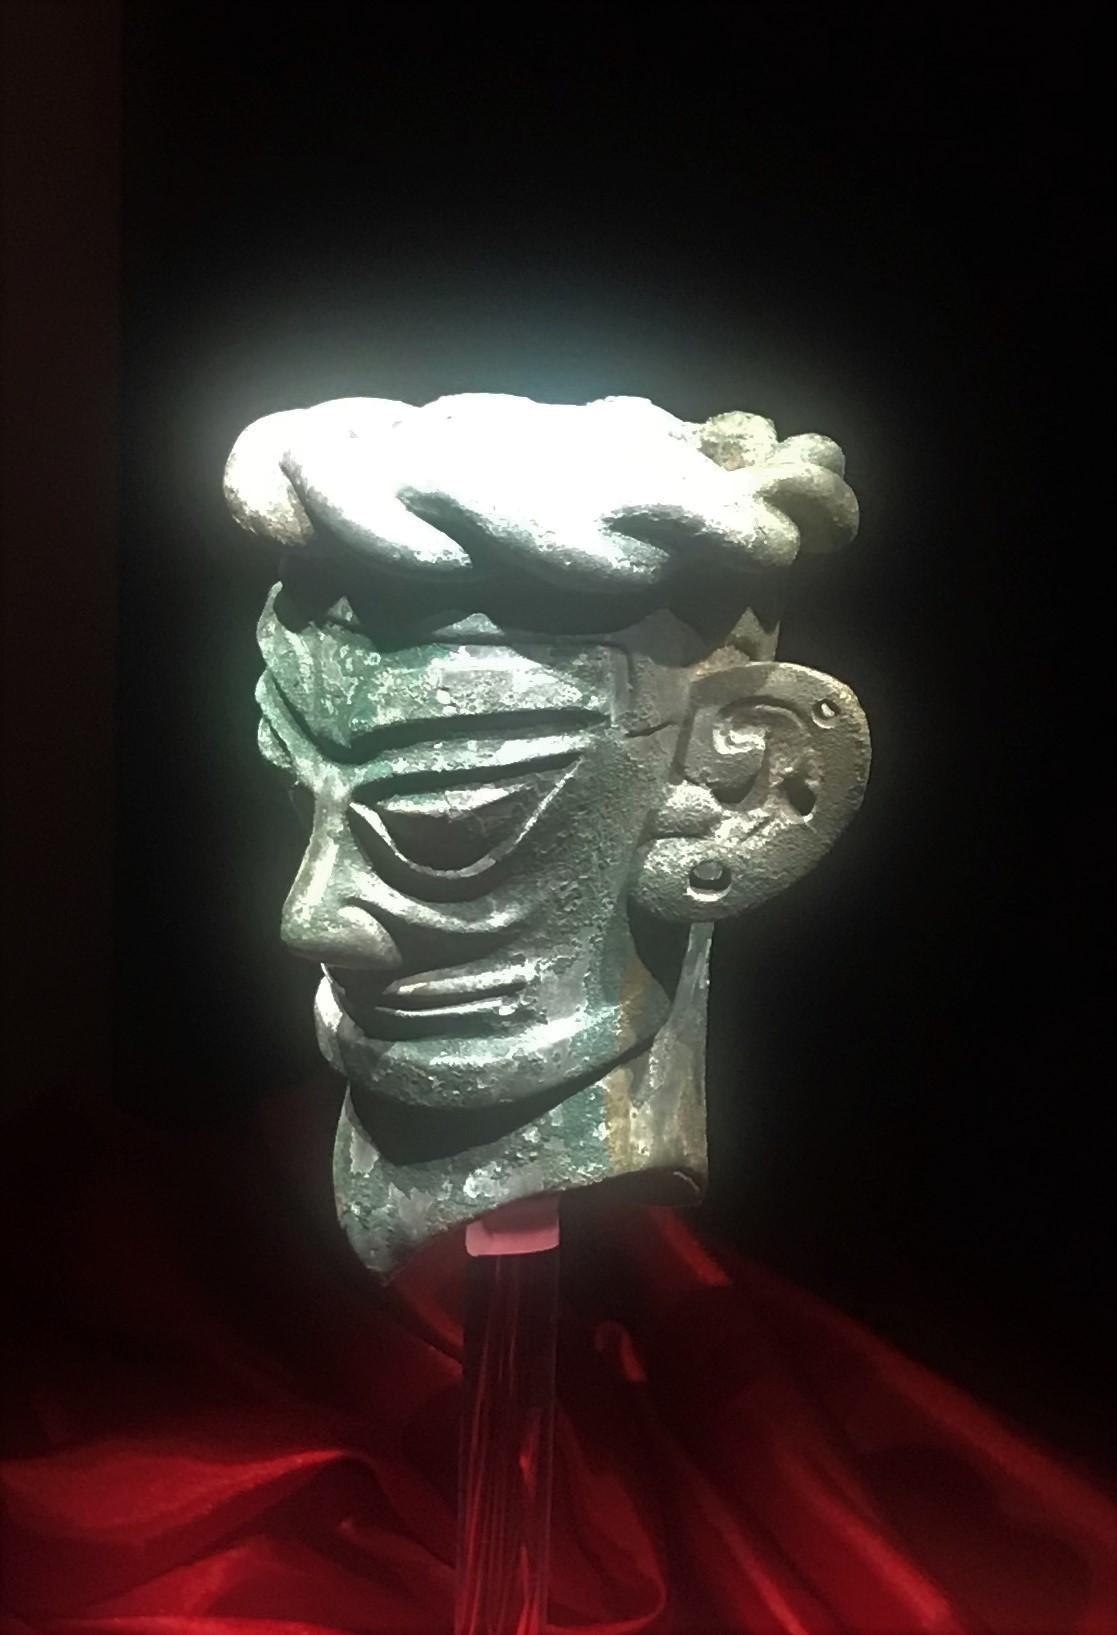 青銅布巻人頭像-青銅器館-三星堆博物館-広漢市-徳陽市-四川省